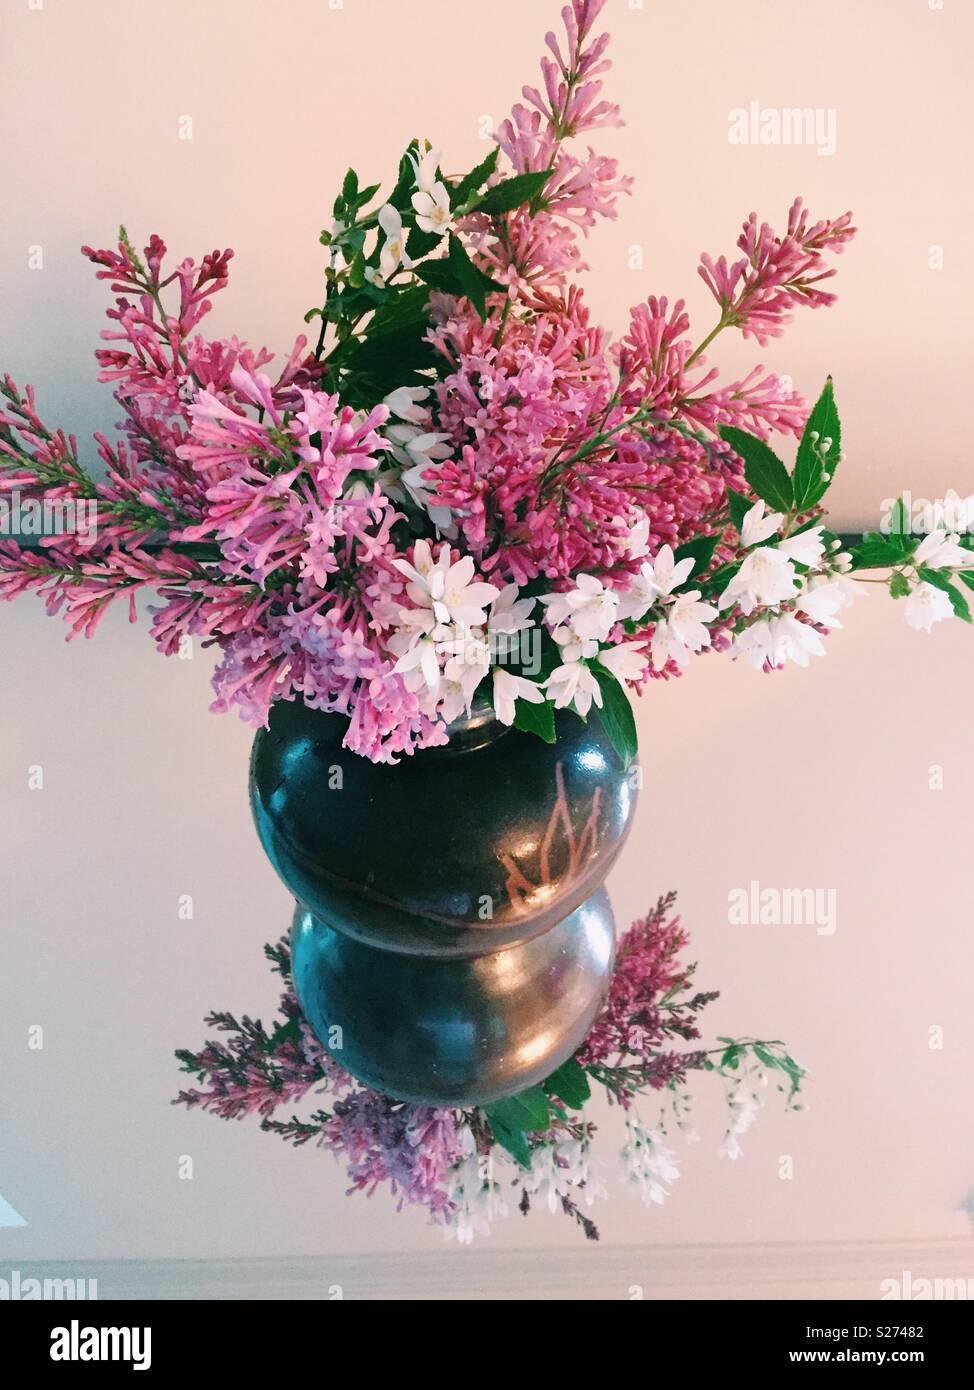 Flores de primavera en jarrón de cerámica. Imagen De Stock